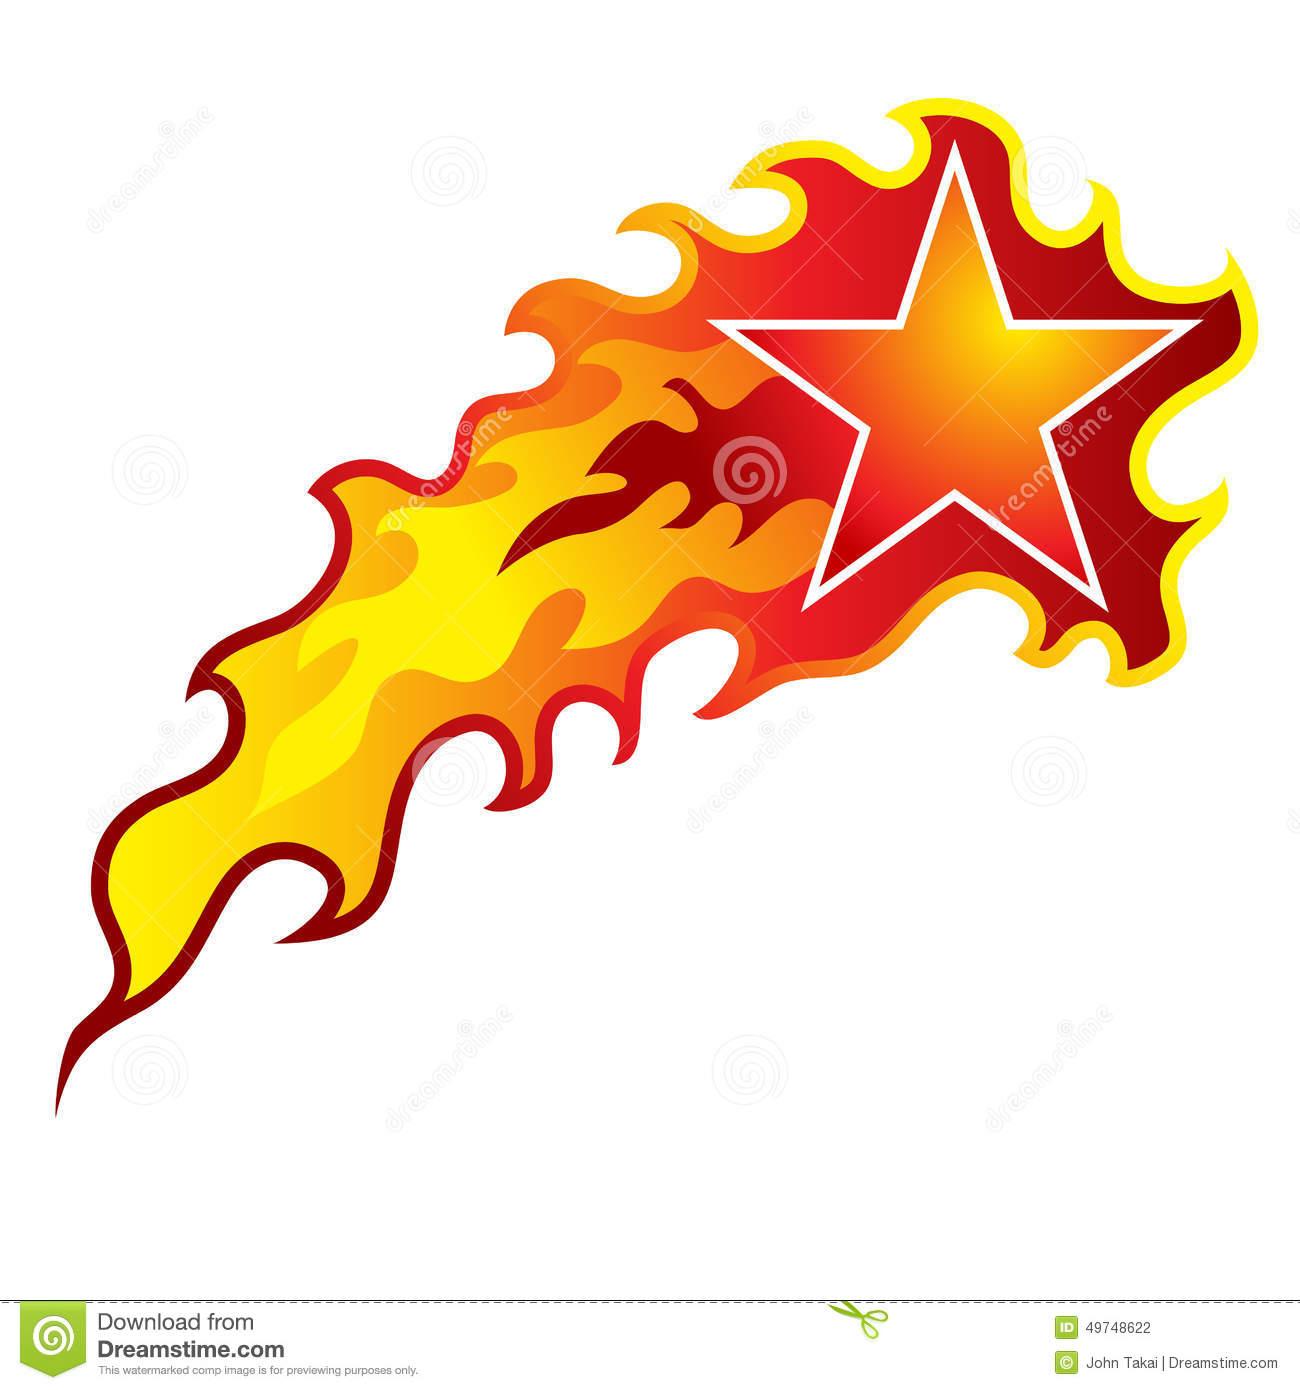 Flaming Star Nebula In The Omega Nebula, AstrophotographyAuriga.